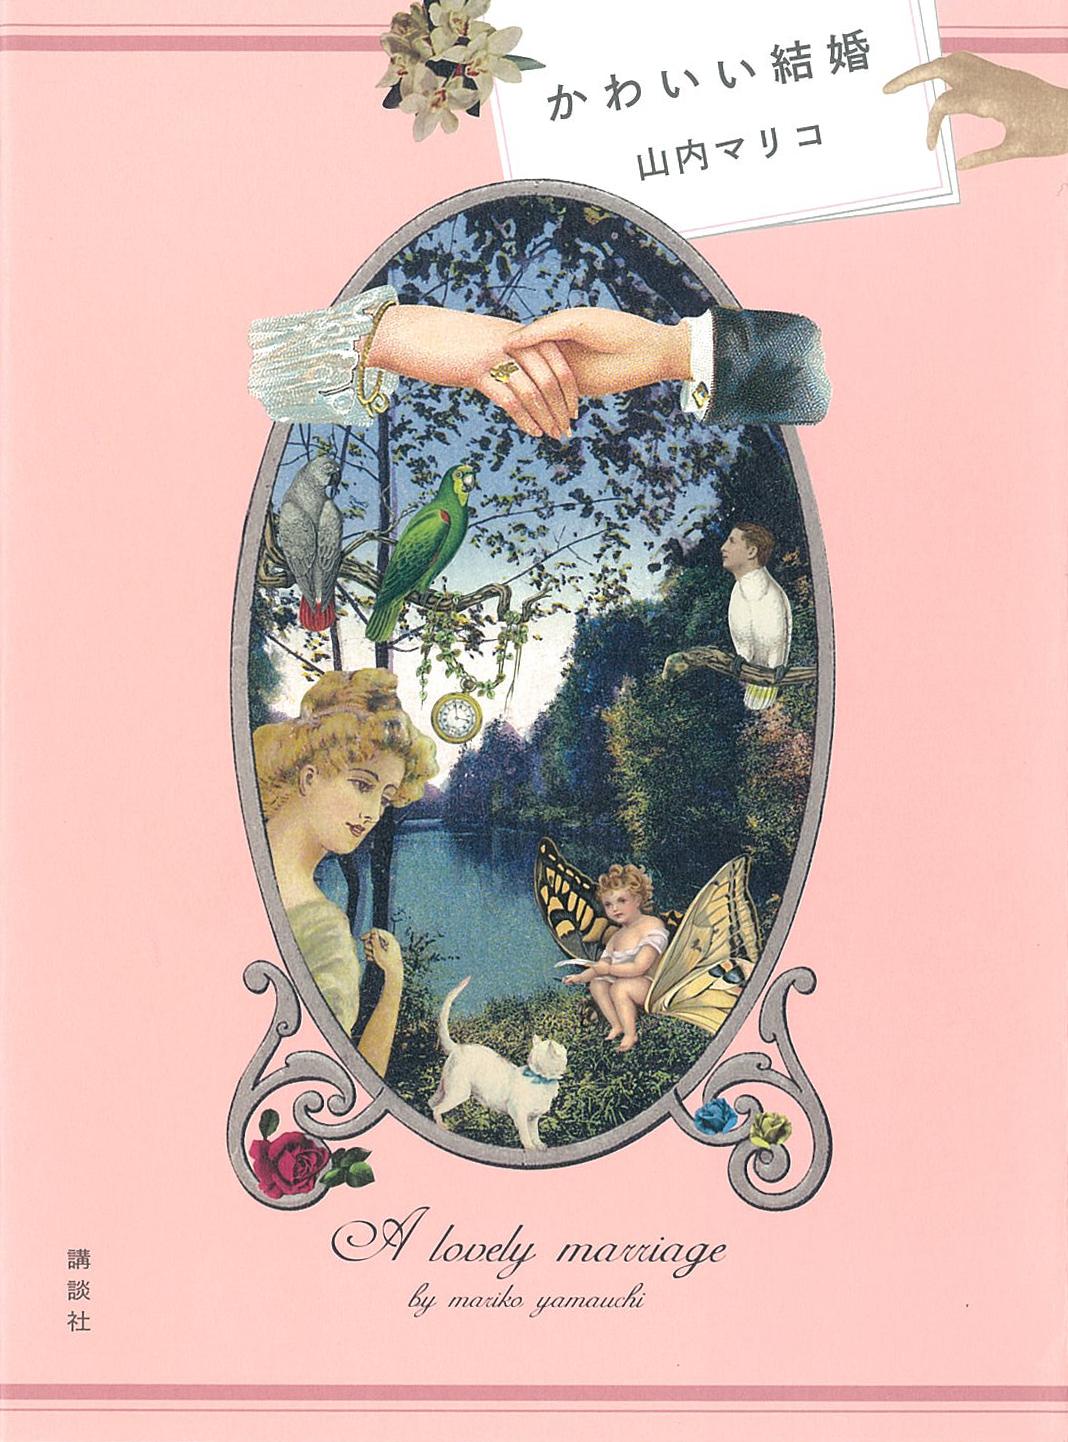 今月のオススメ★BOOK 『かわいい結婚』『京都「トカイナカ」暮ら』『国境のない生き方 私をつくった本と旅』_1